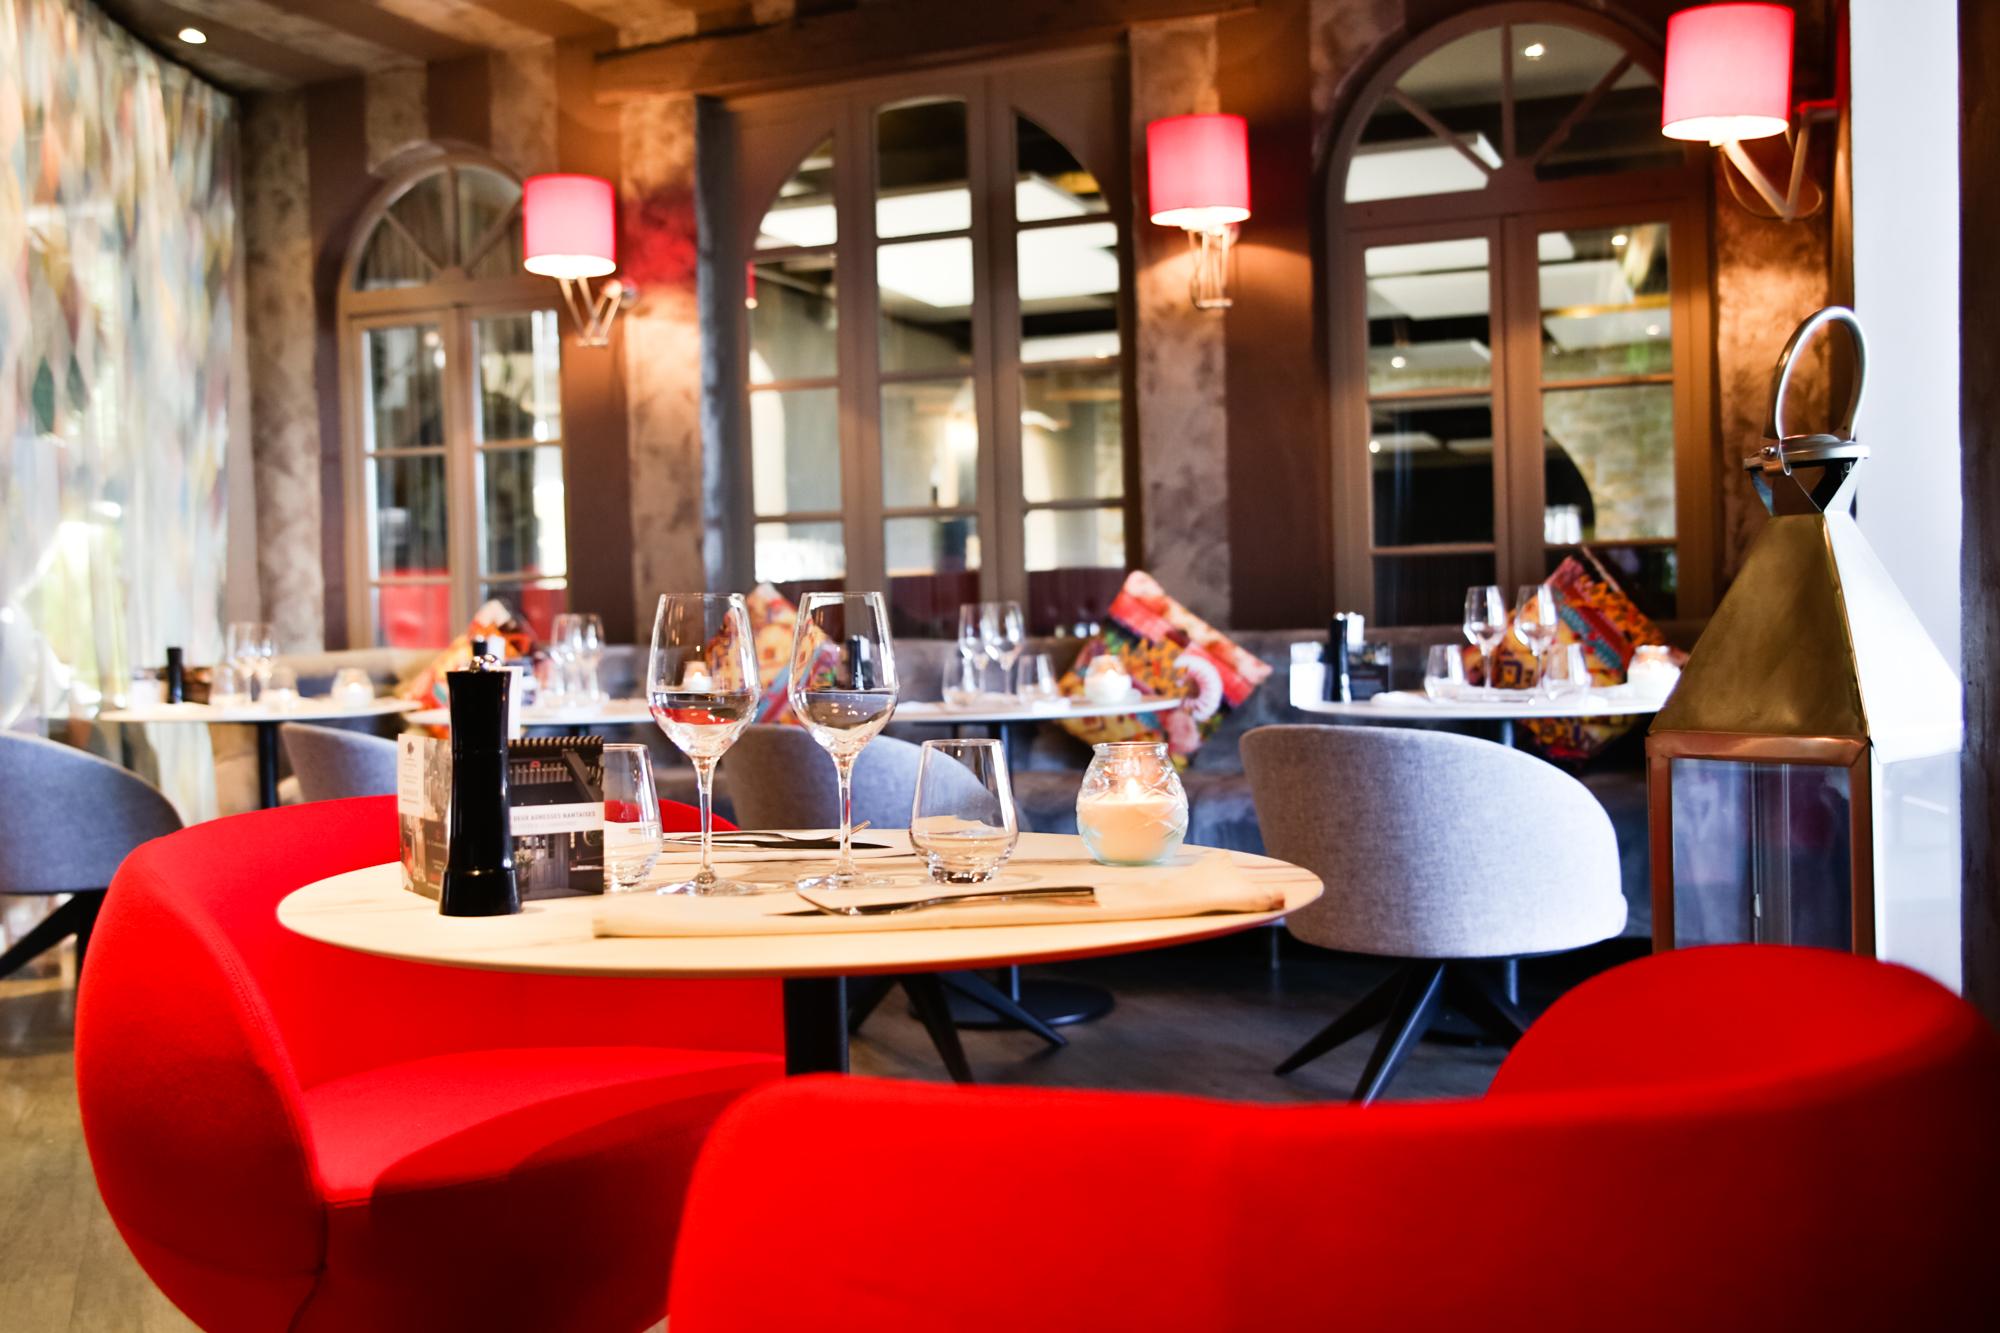 Fokale23-photographe-nantes-restaurant-le-mas-des-oliviers-2161